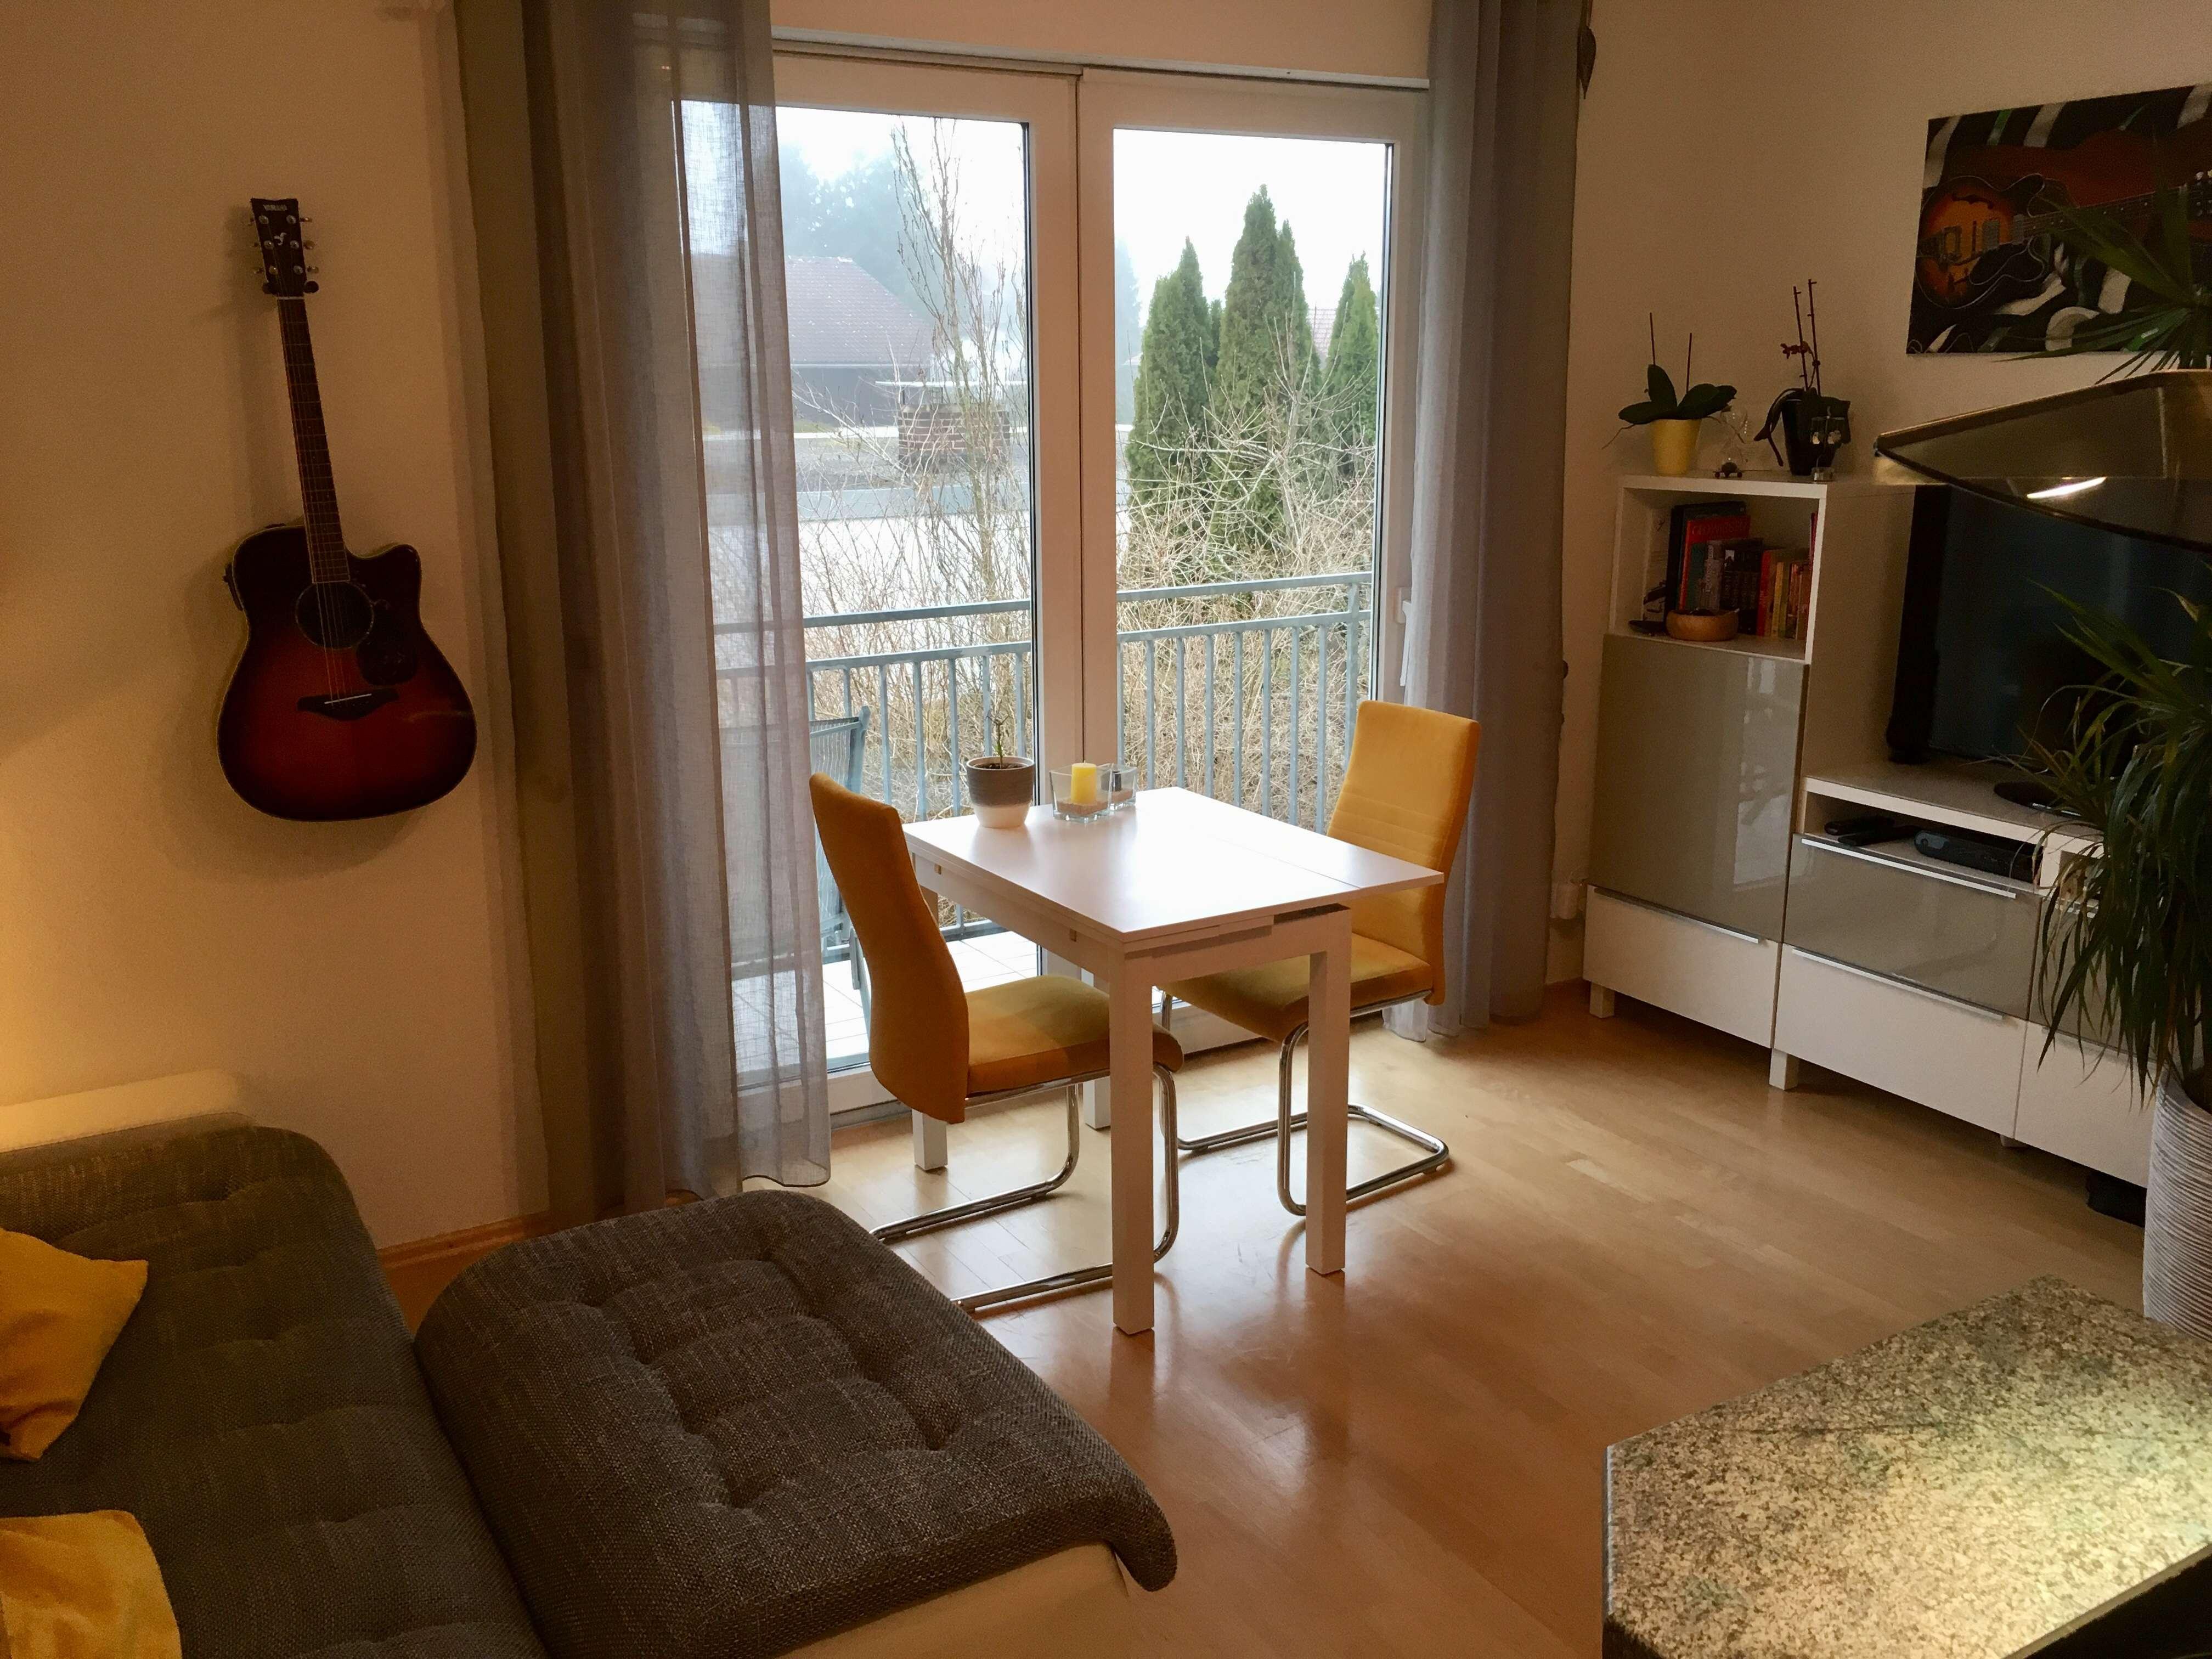 Ruhige, gepflegte 1,5 -Zi.-Wohnung mit Balkon und Einbauküche in toller Natur in